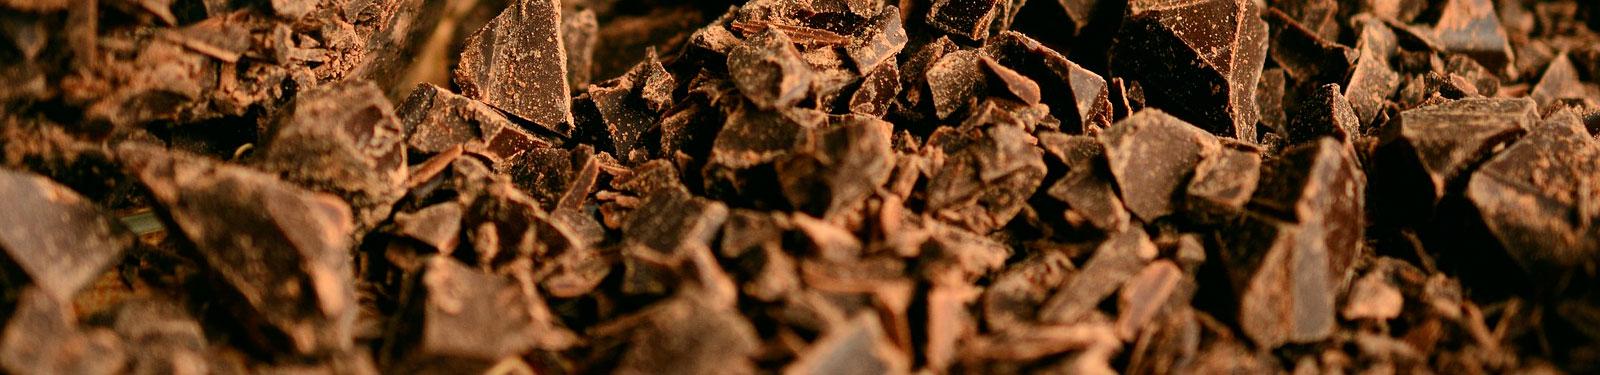 Chocolate para esos dias - Ignifits